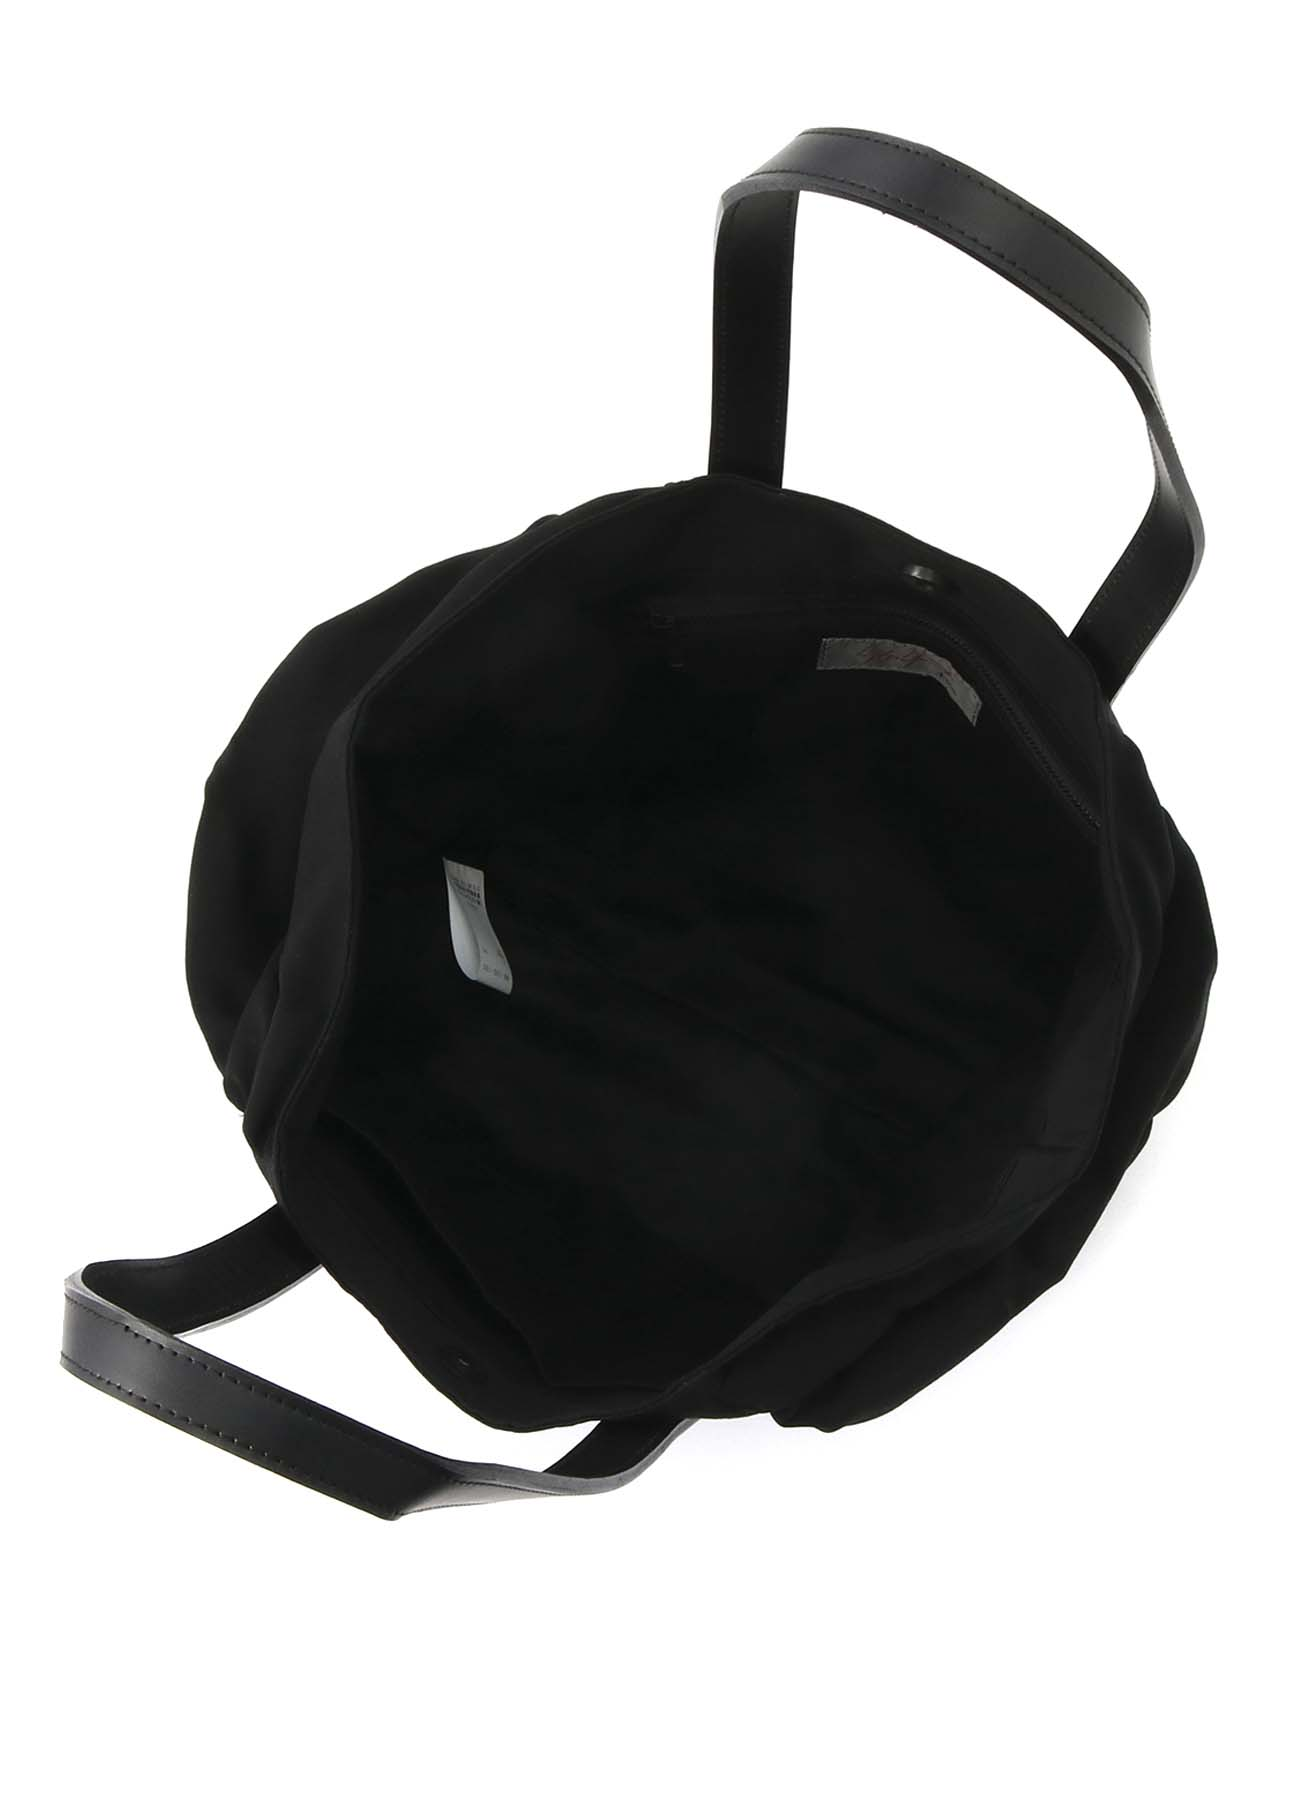 シワギャバ ギャザートートバッグ